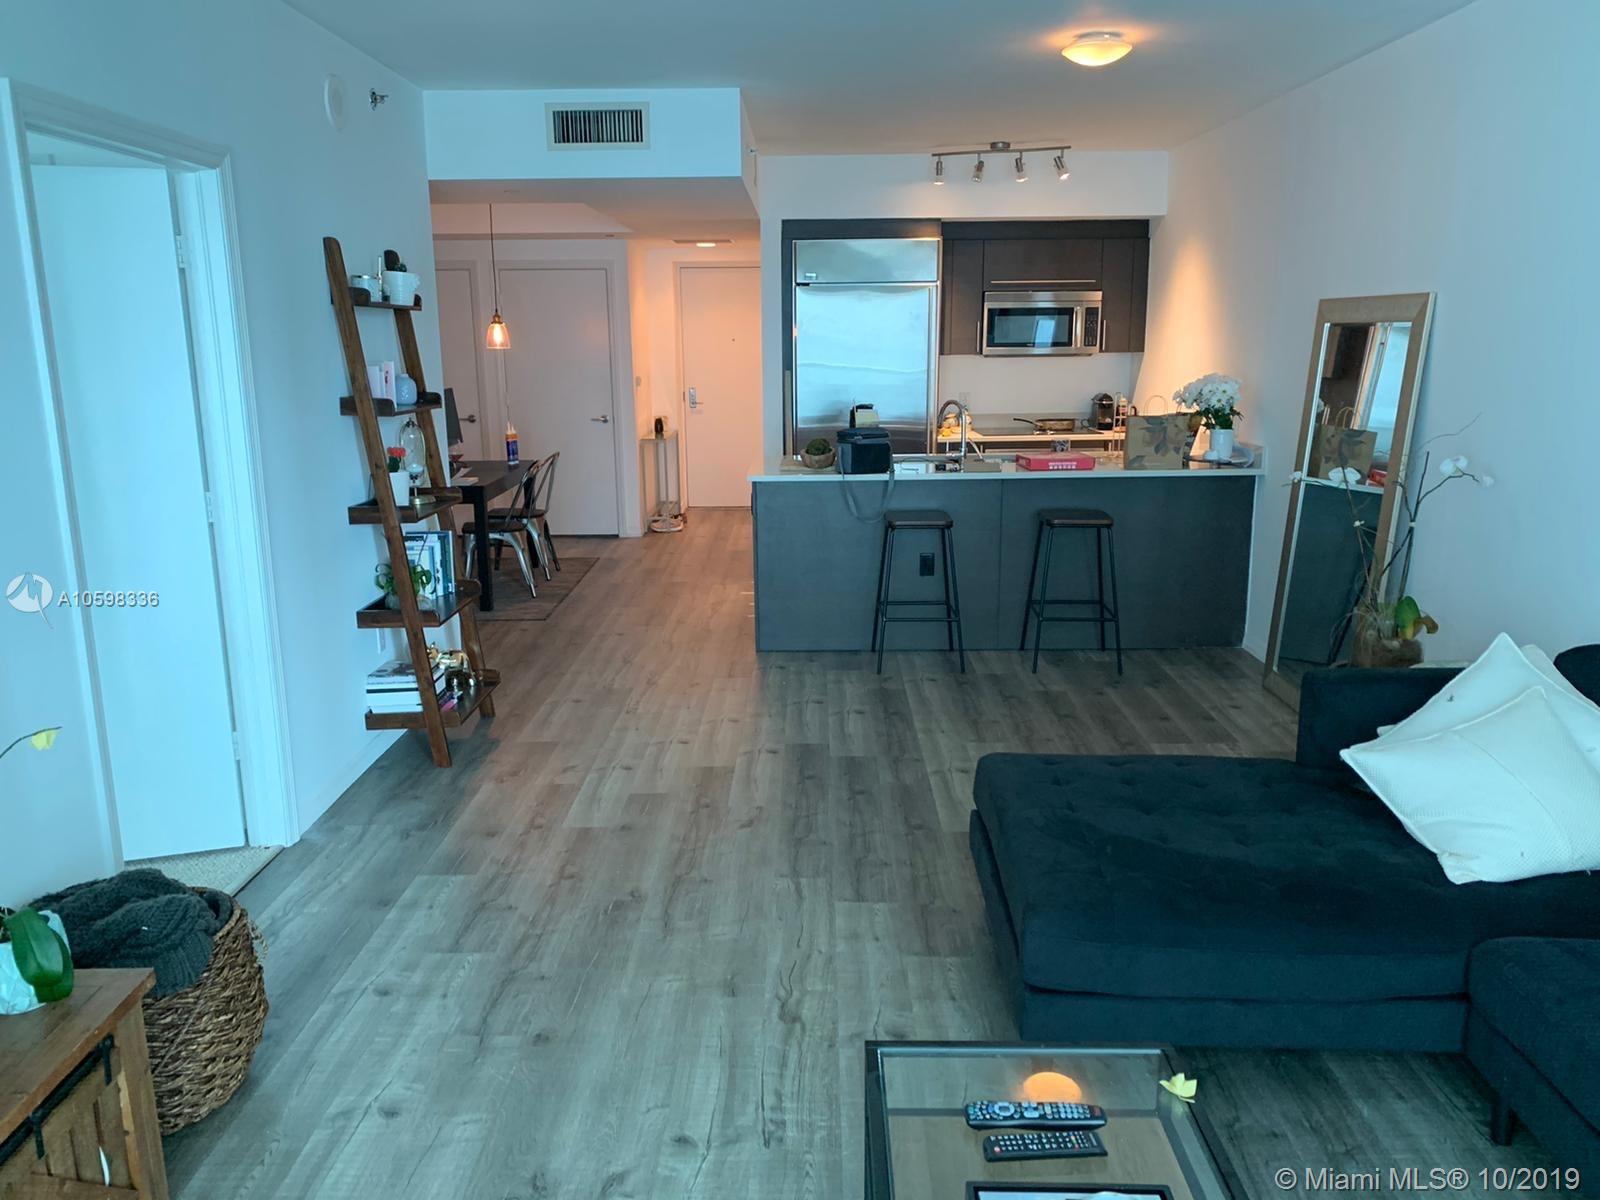 55 SE 6 ST #1400, Miami, FL 33131 - Miami, FL real estate listing